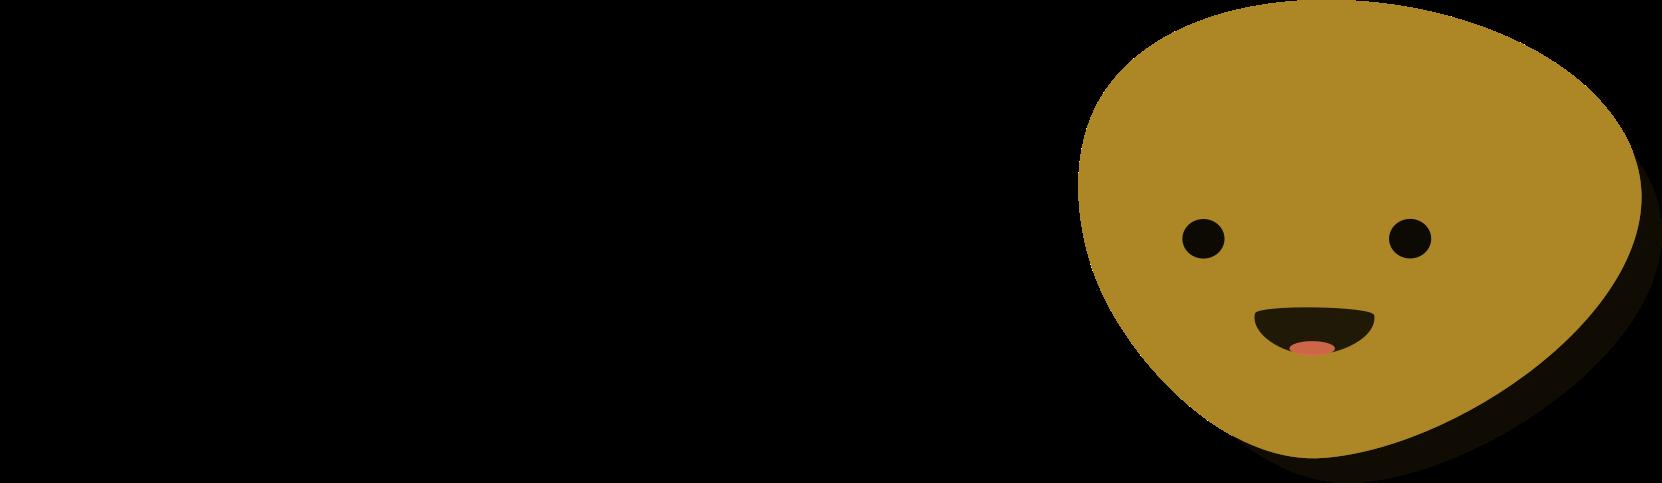 CareChooser character - quiz 0.png